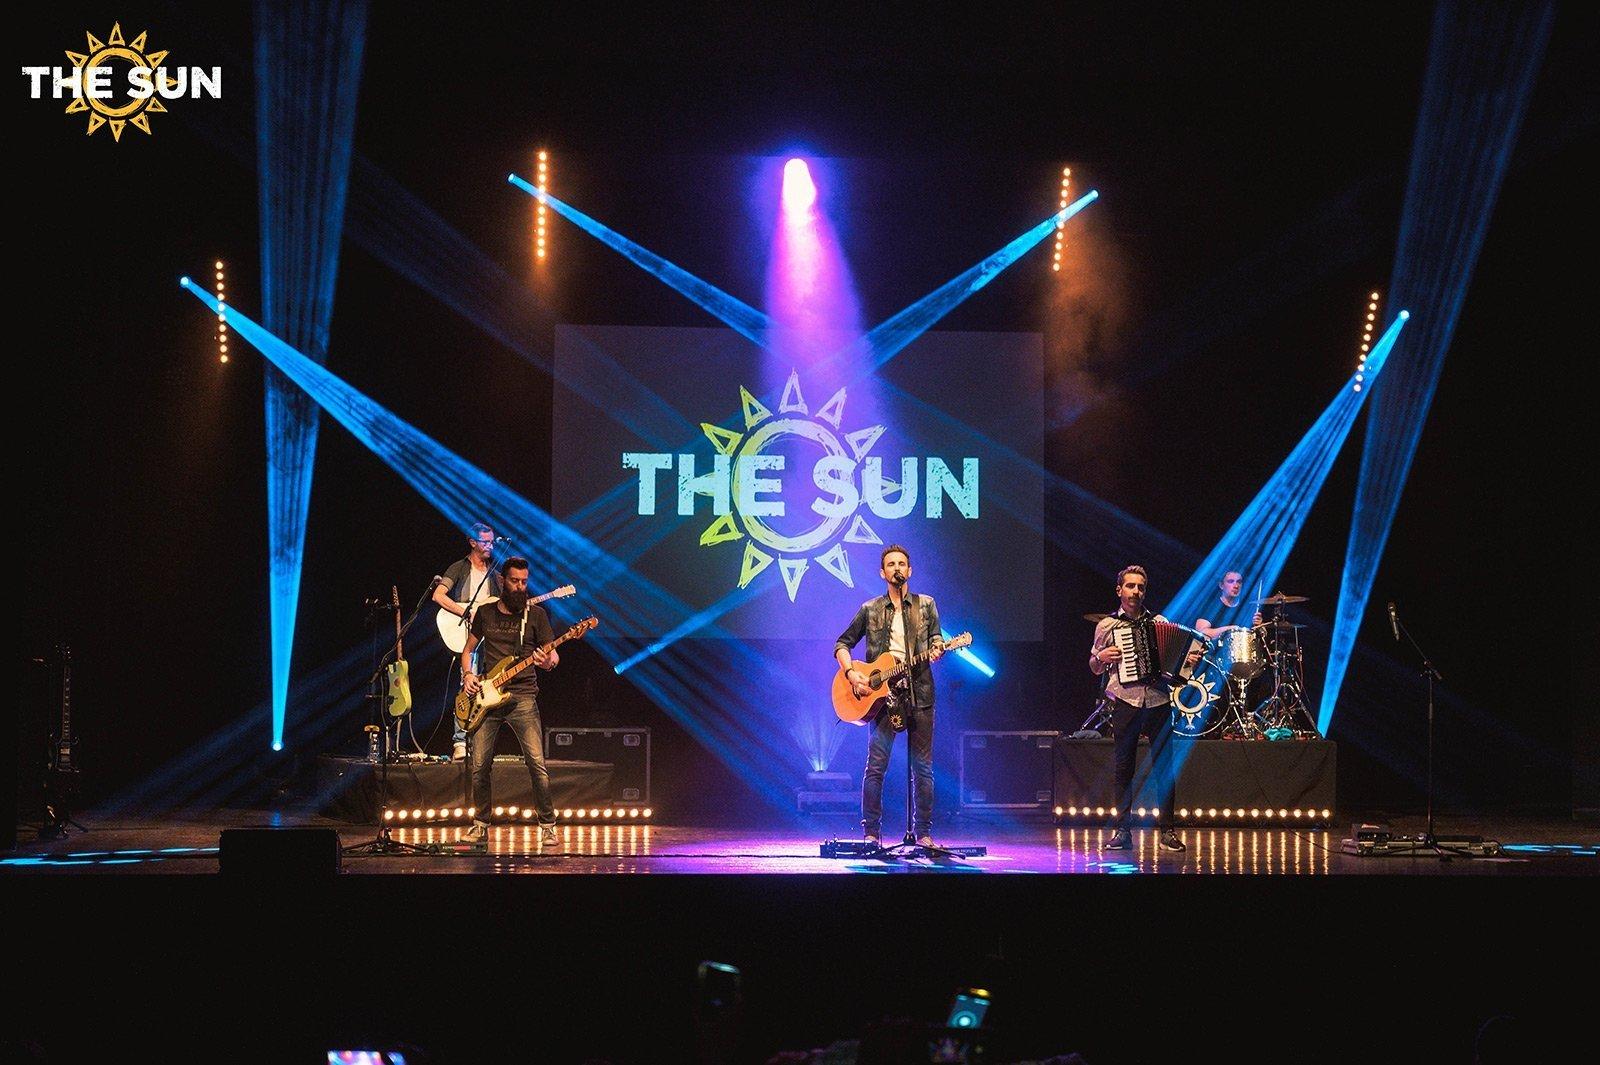 the sun rock band live rovigo ogni benedetto giorno